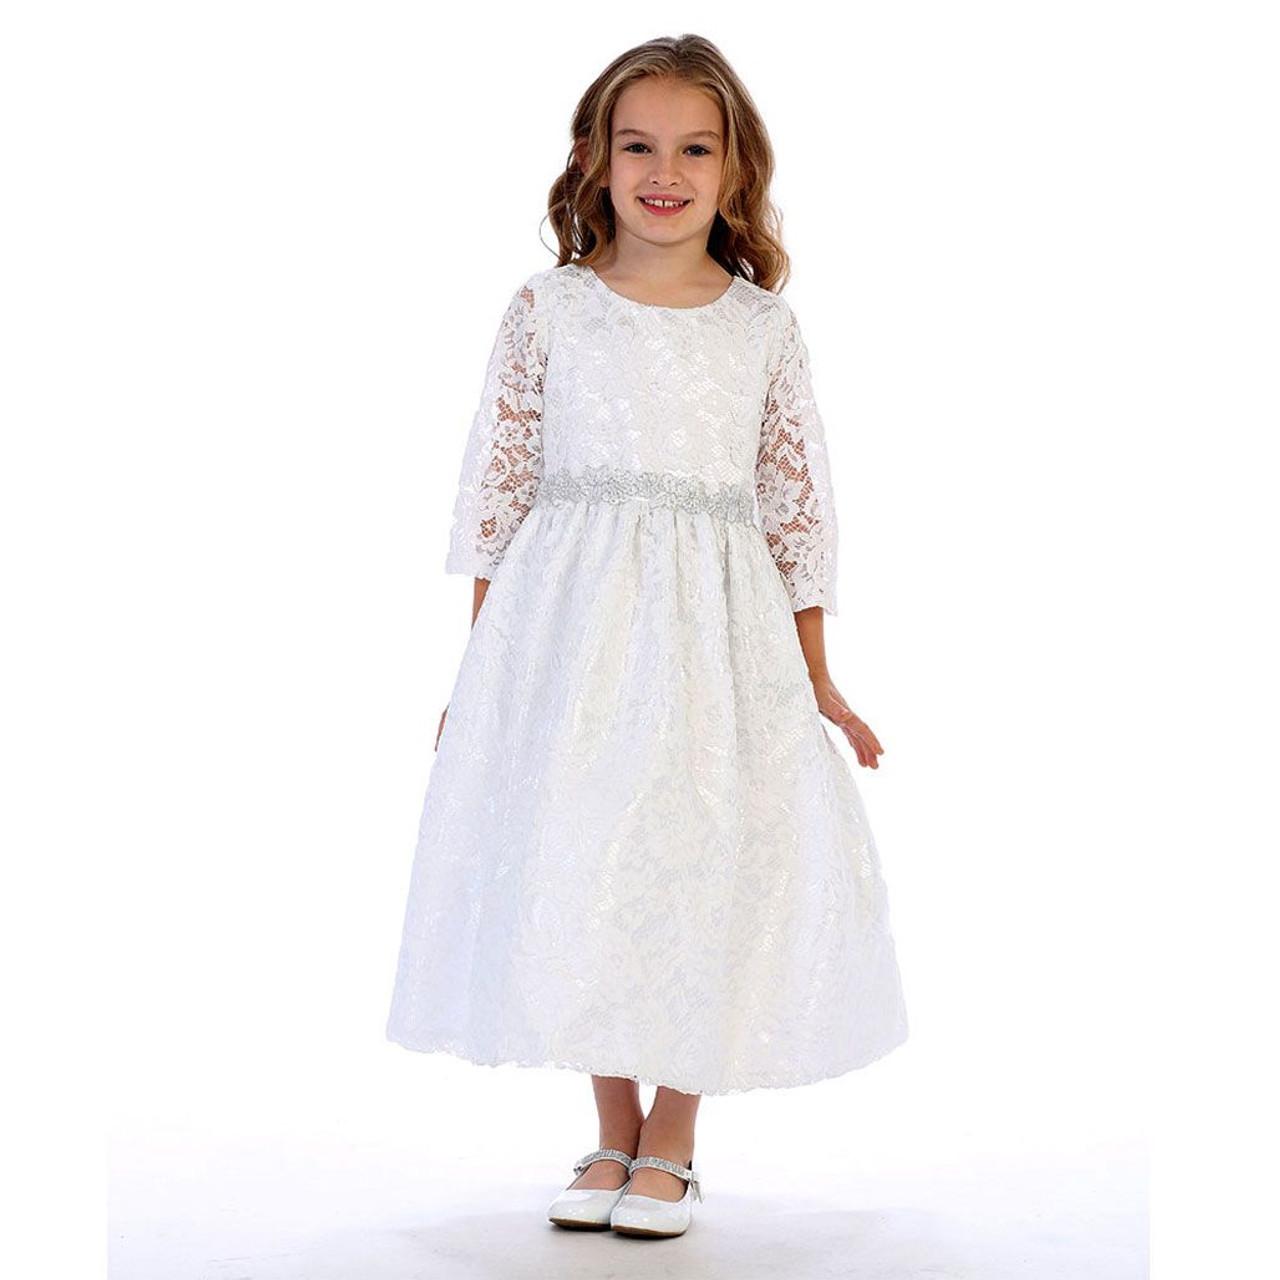 Giselle Communion Dress